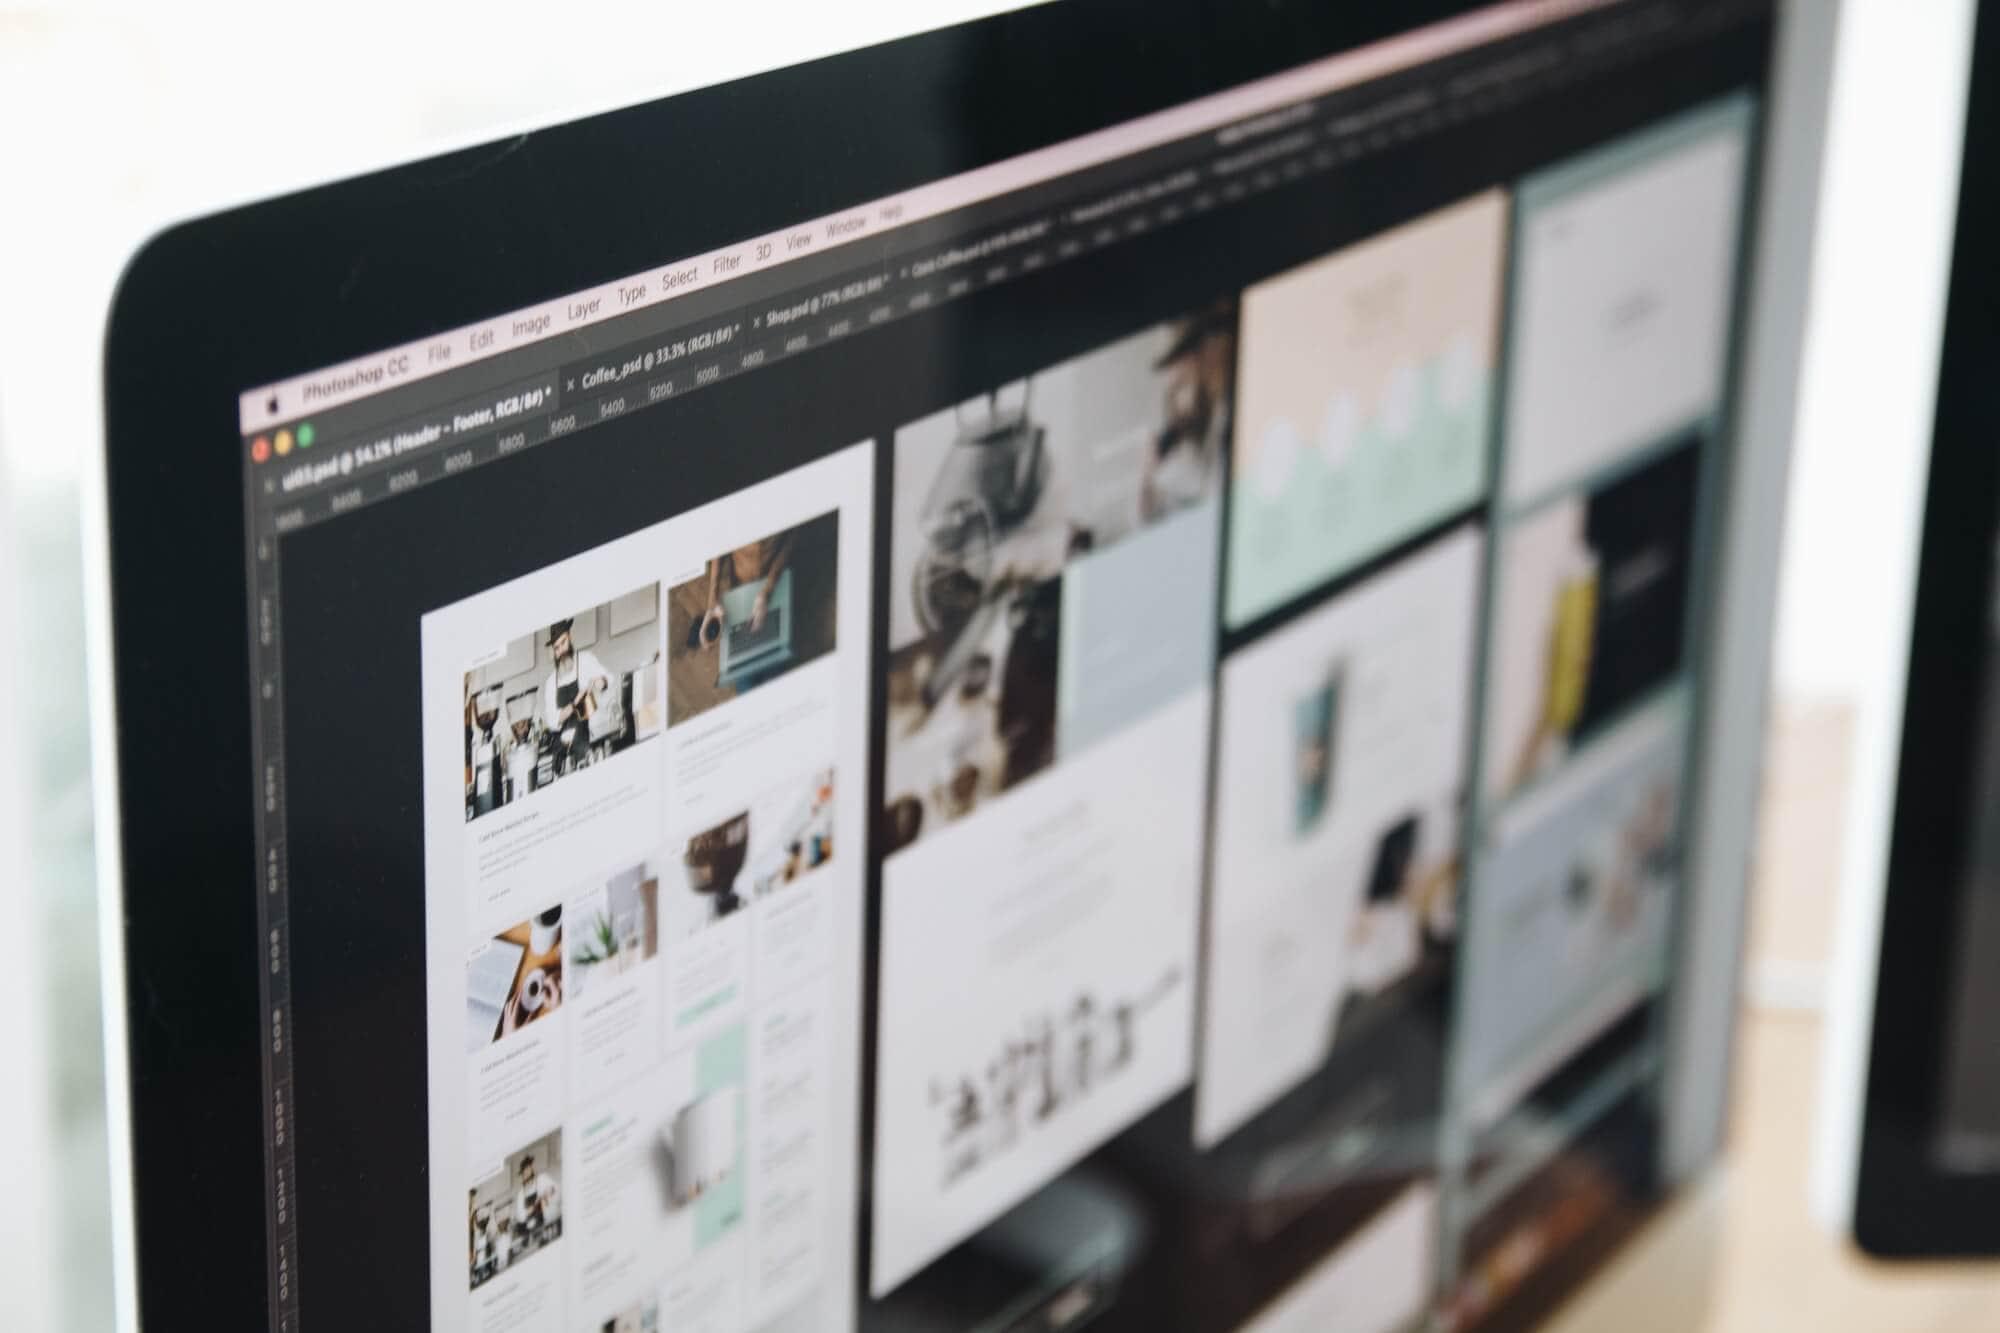 5 ressources indispensables pour élaborer le design de son site web